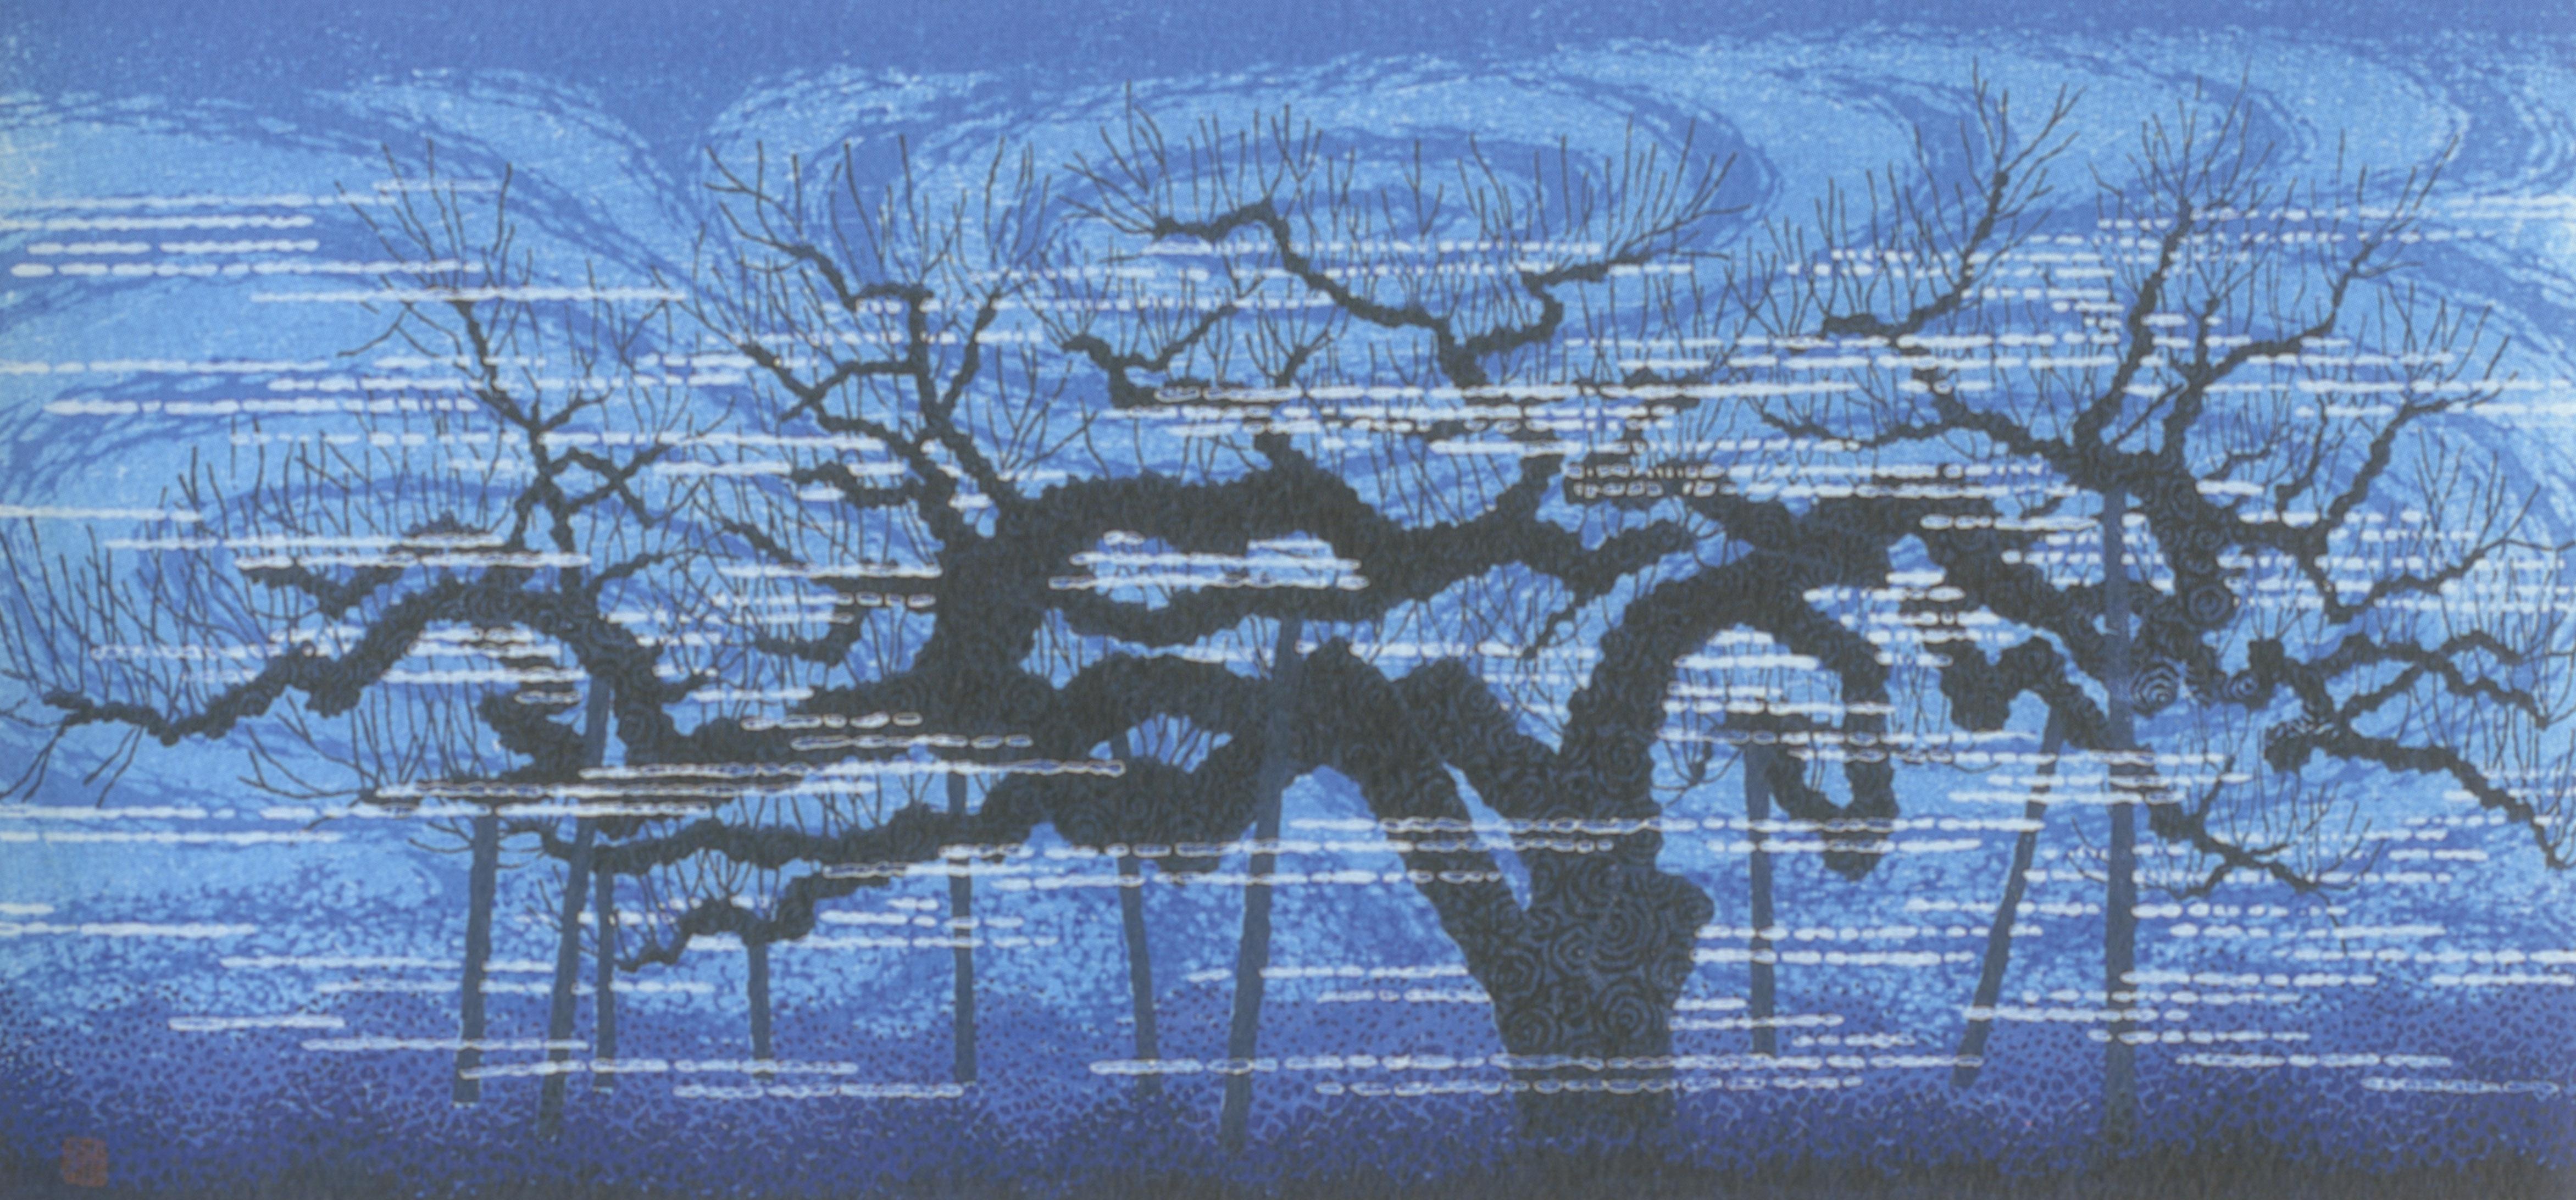 ふるさとの物語 第41回 版画「長寿林檎」~老いて息づく命の強さ~